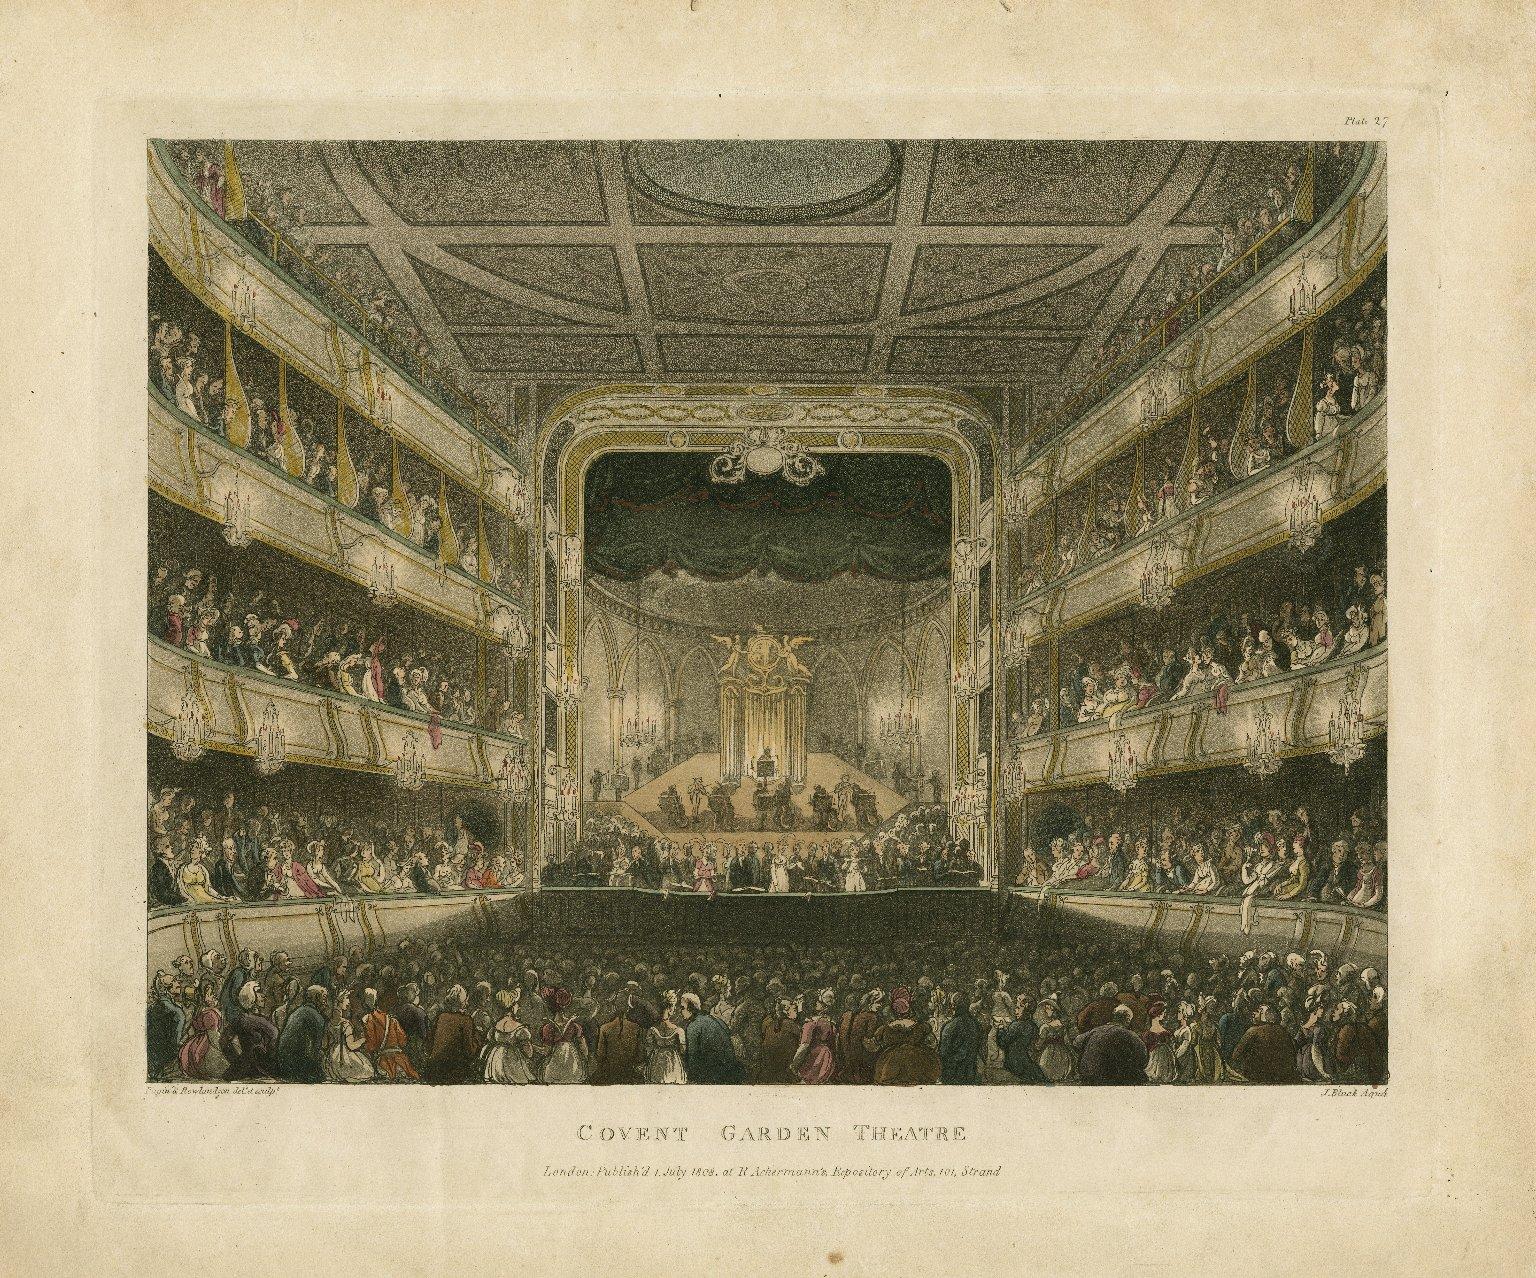 Covent Garden Theatre [graphic] / Pugin & Rowlandson delt. et sculpt. ; J. Bluck, aquá.